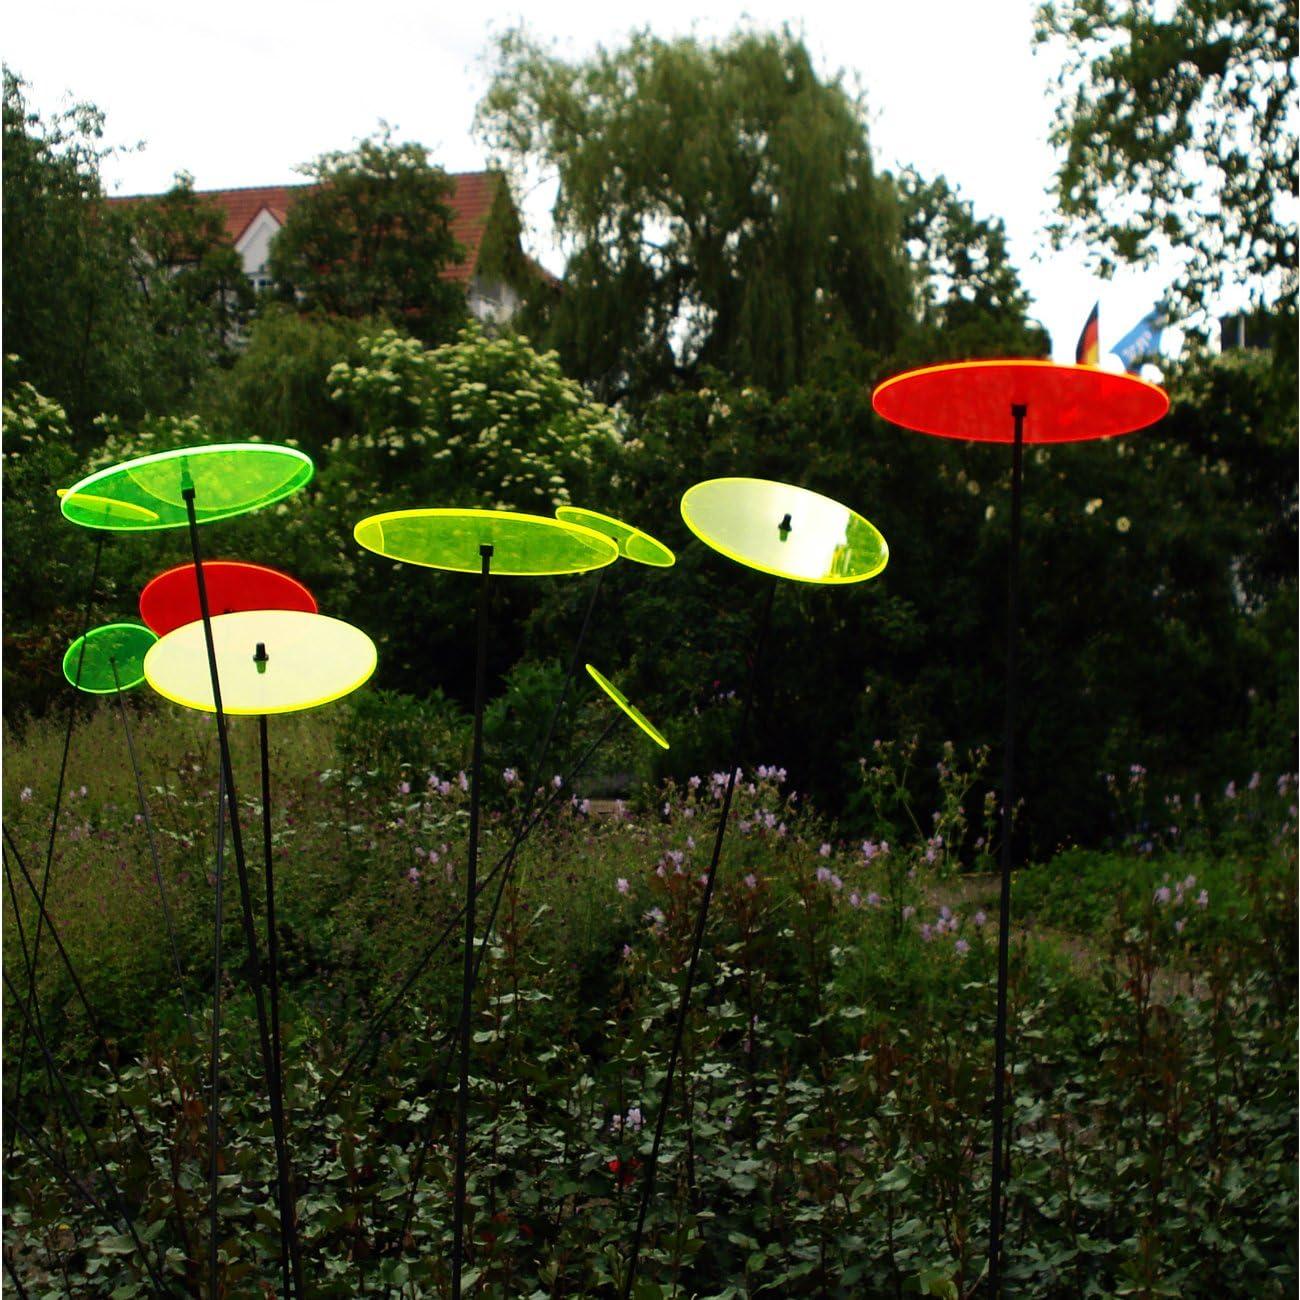 Sol atrapasueños – Juego de luz parabrisas Color Verde Flúor 20 cm & # x3 C6;: Amazon.es: Jardín